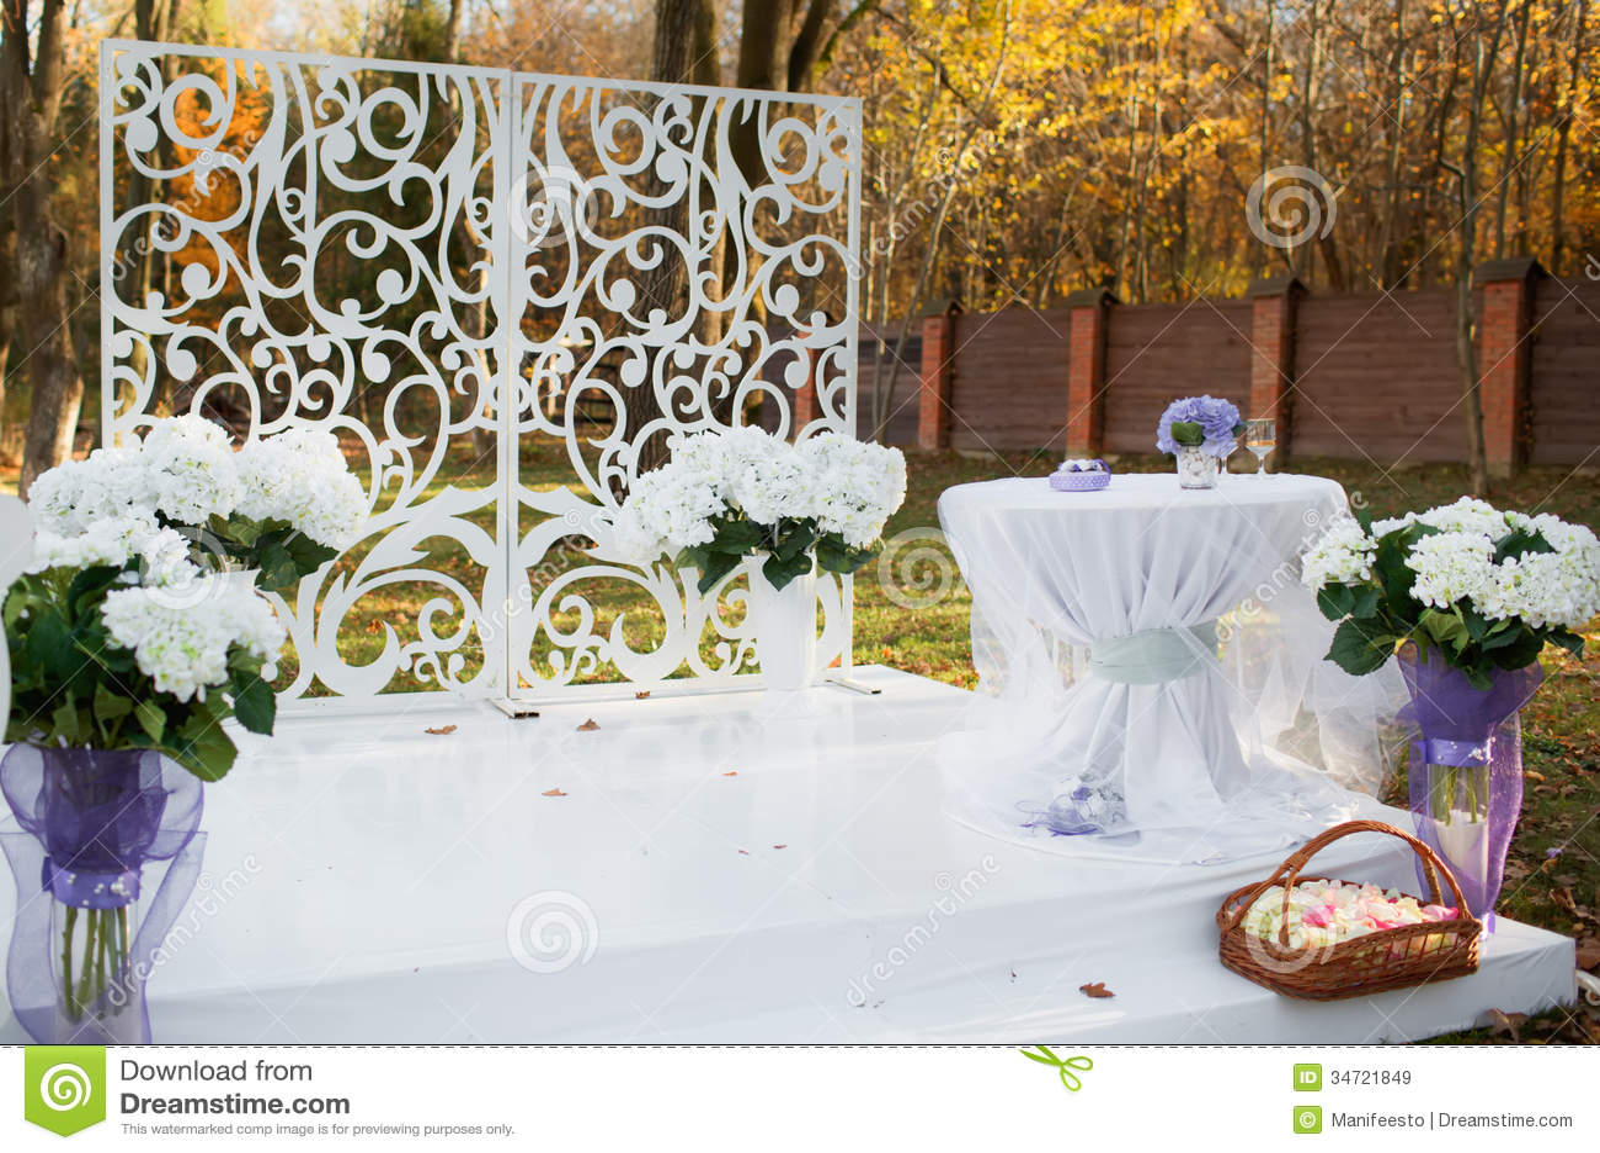 Décoration De Mariage Dans Le Jardin Images libres de droits  Image